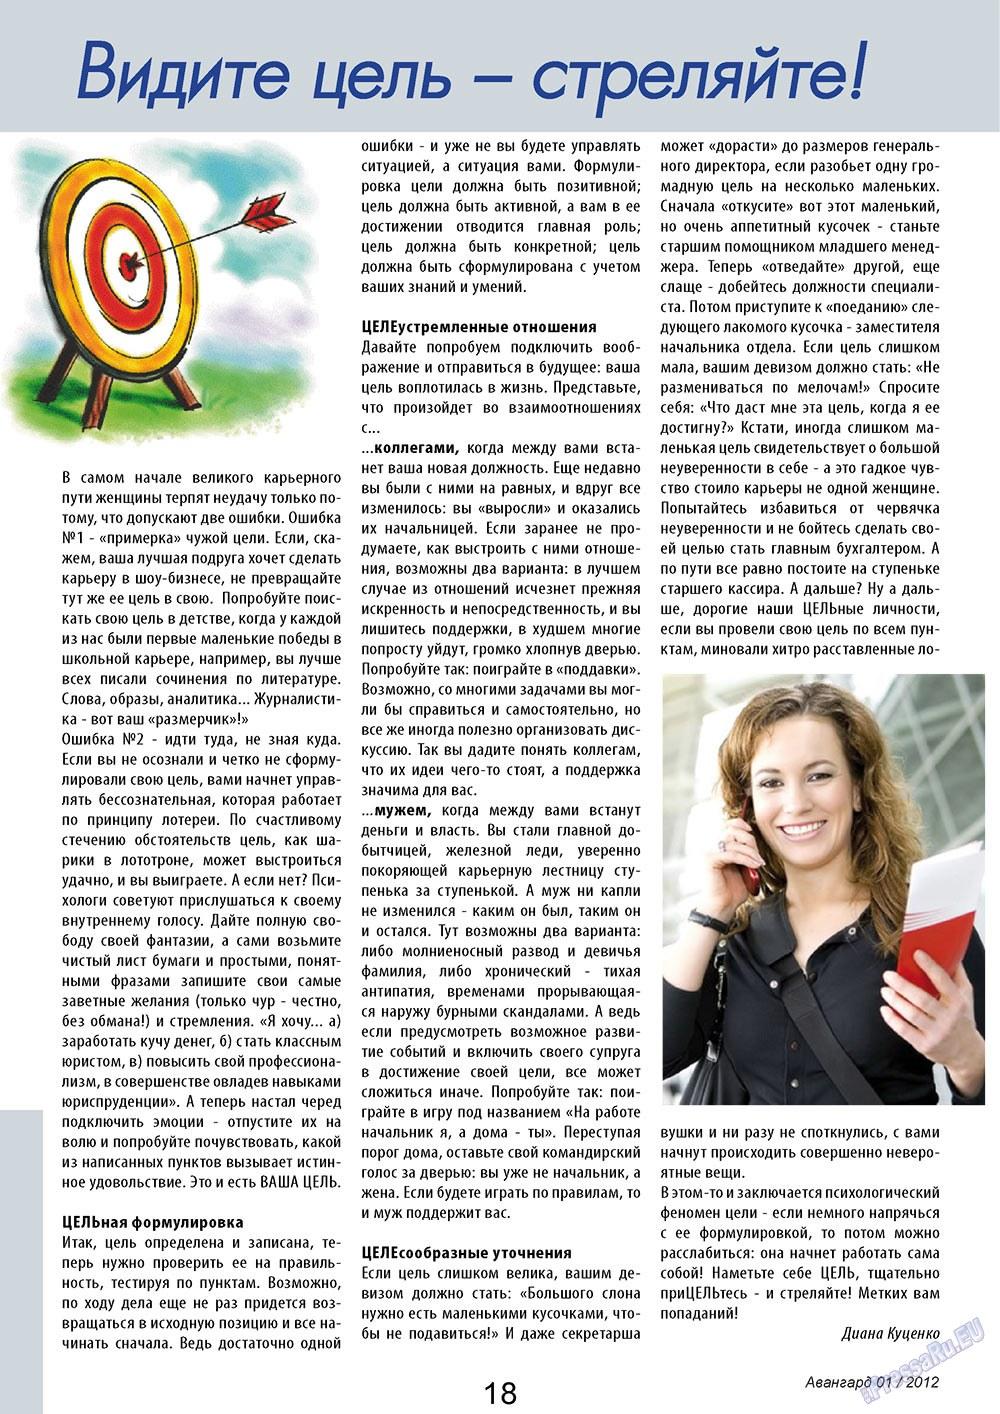 Авангард (журнал). 2012 год, номер 1, стр. 18